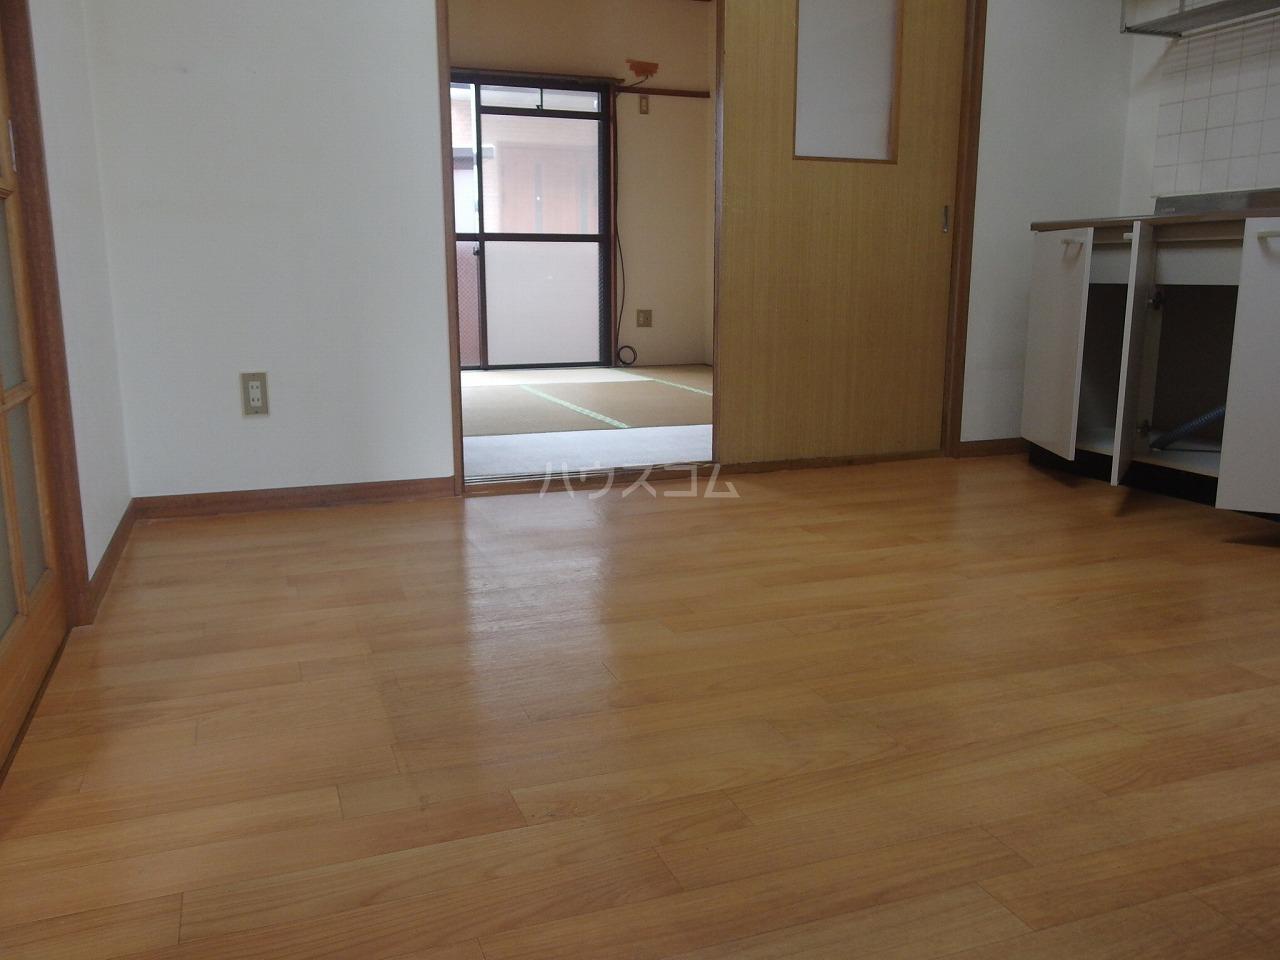 コーポヒジカタ 102号室のリビング